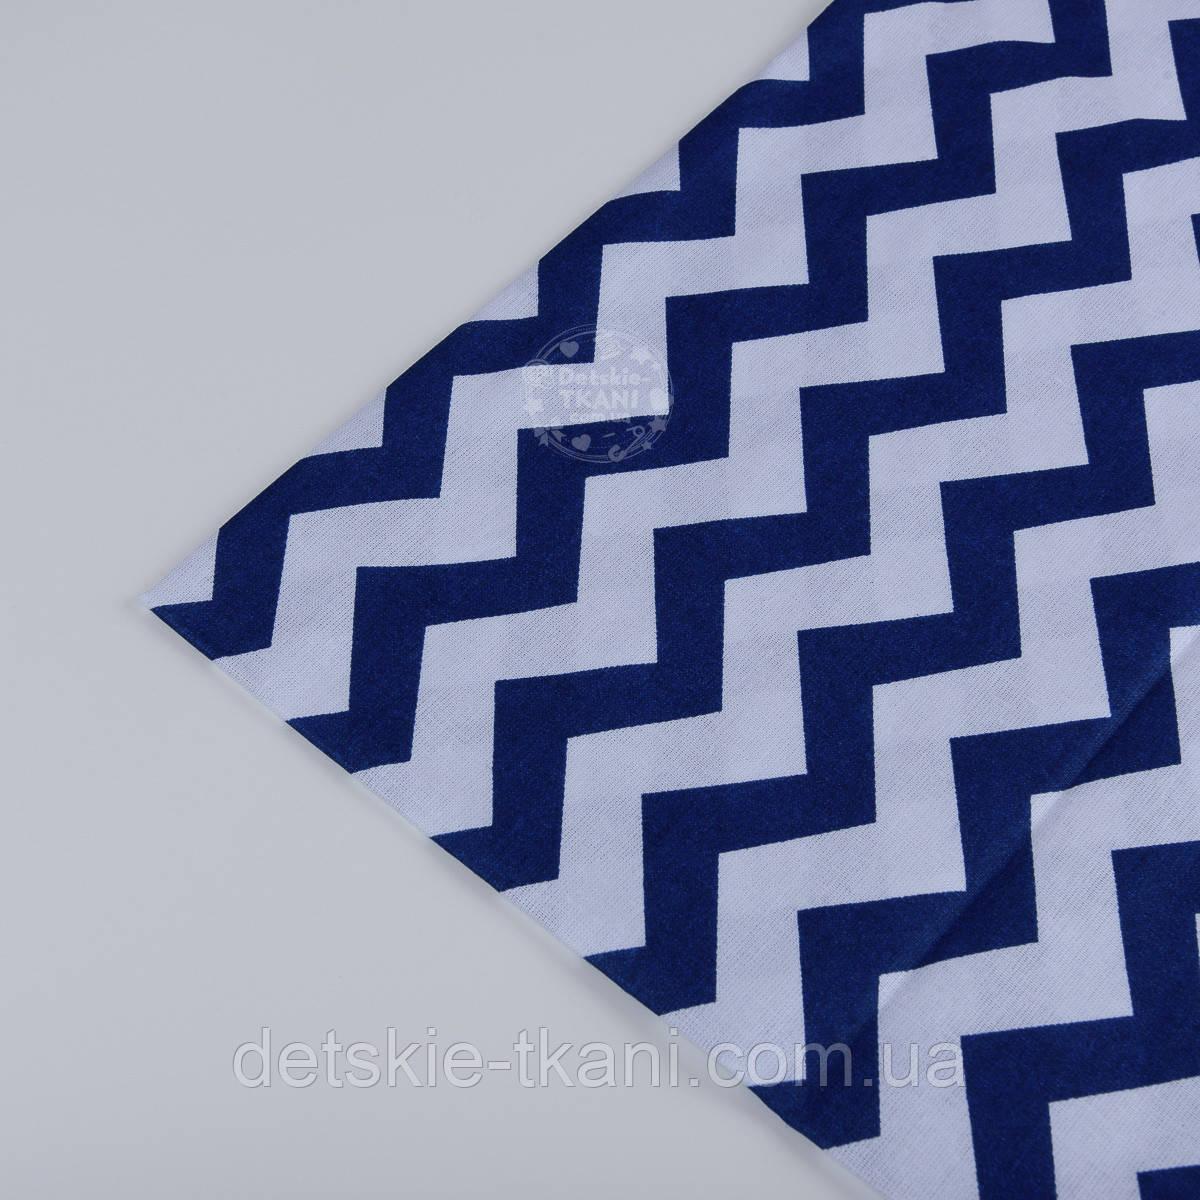 Лоскут ткани №117а  с синими зигзагами, размер 25*80 см